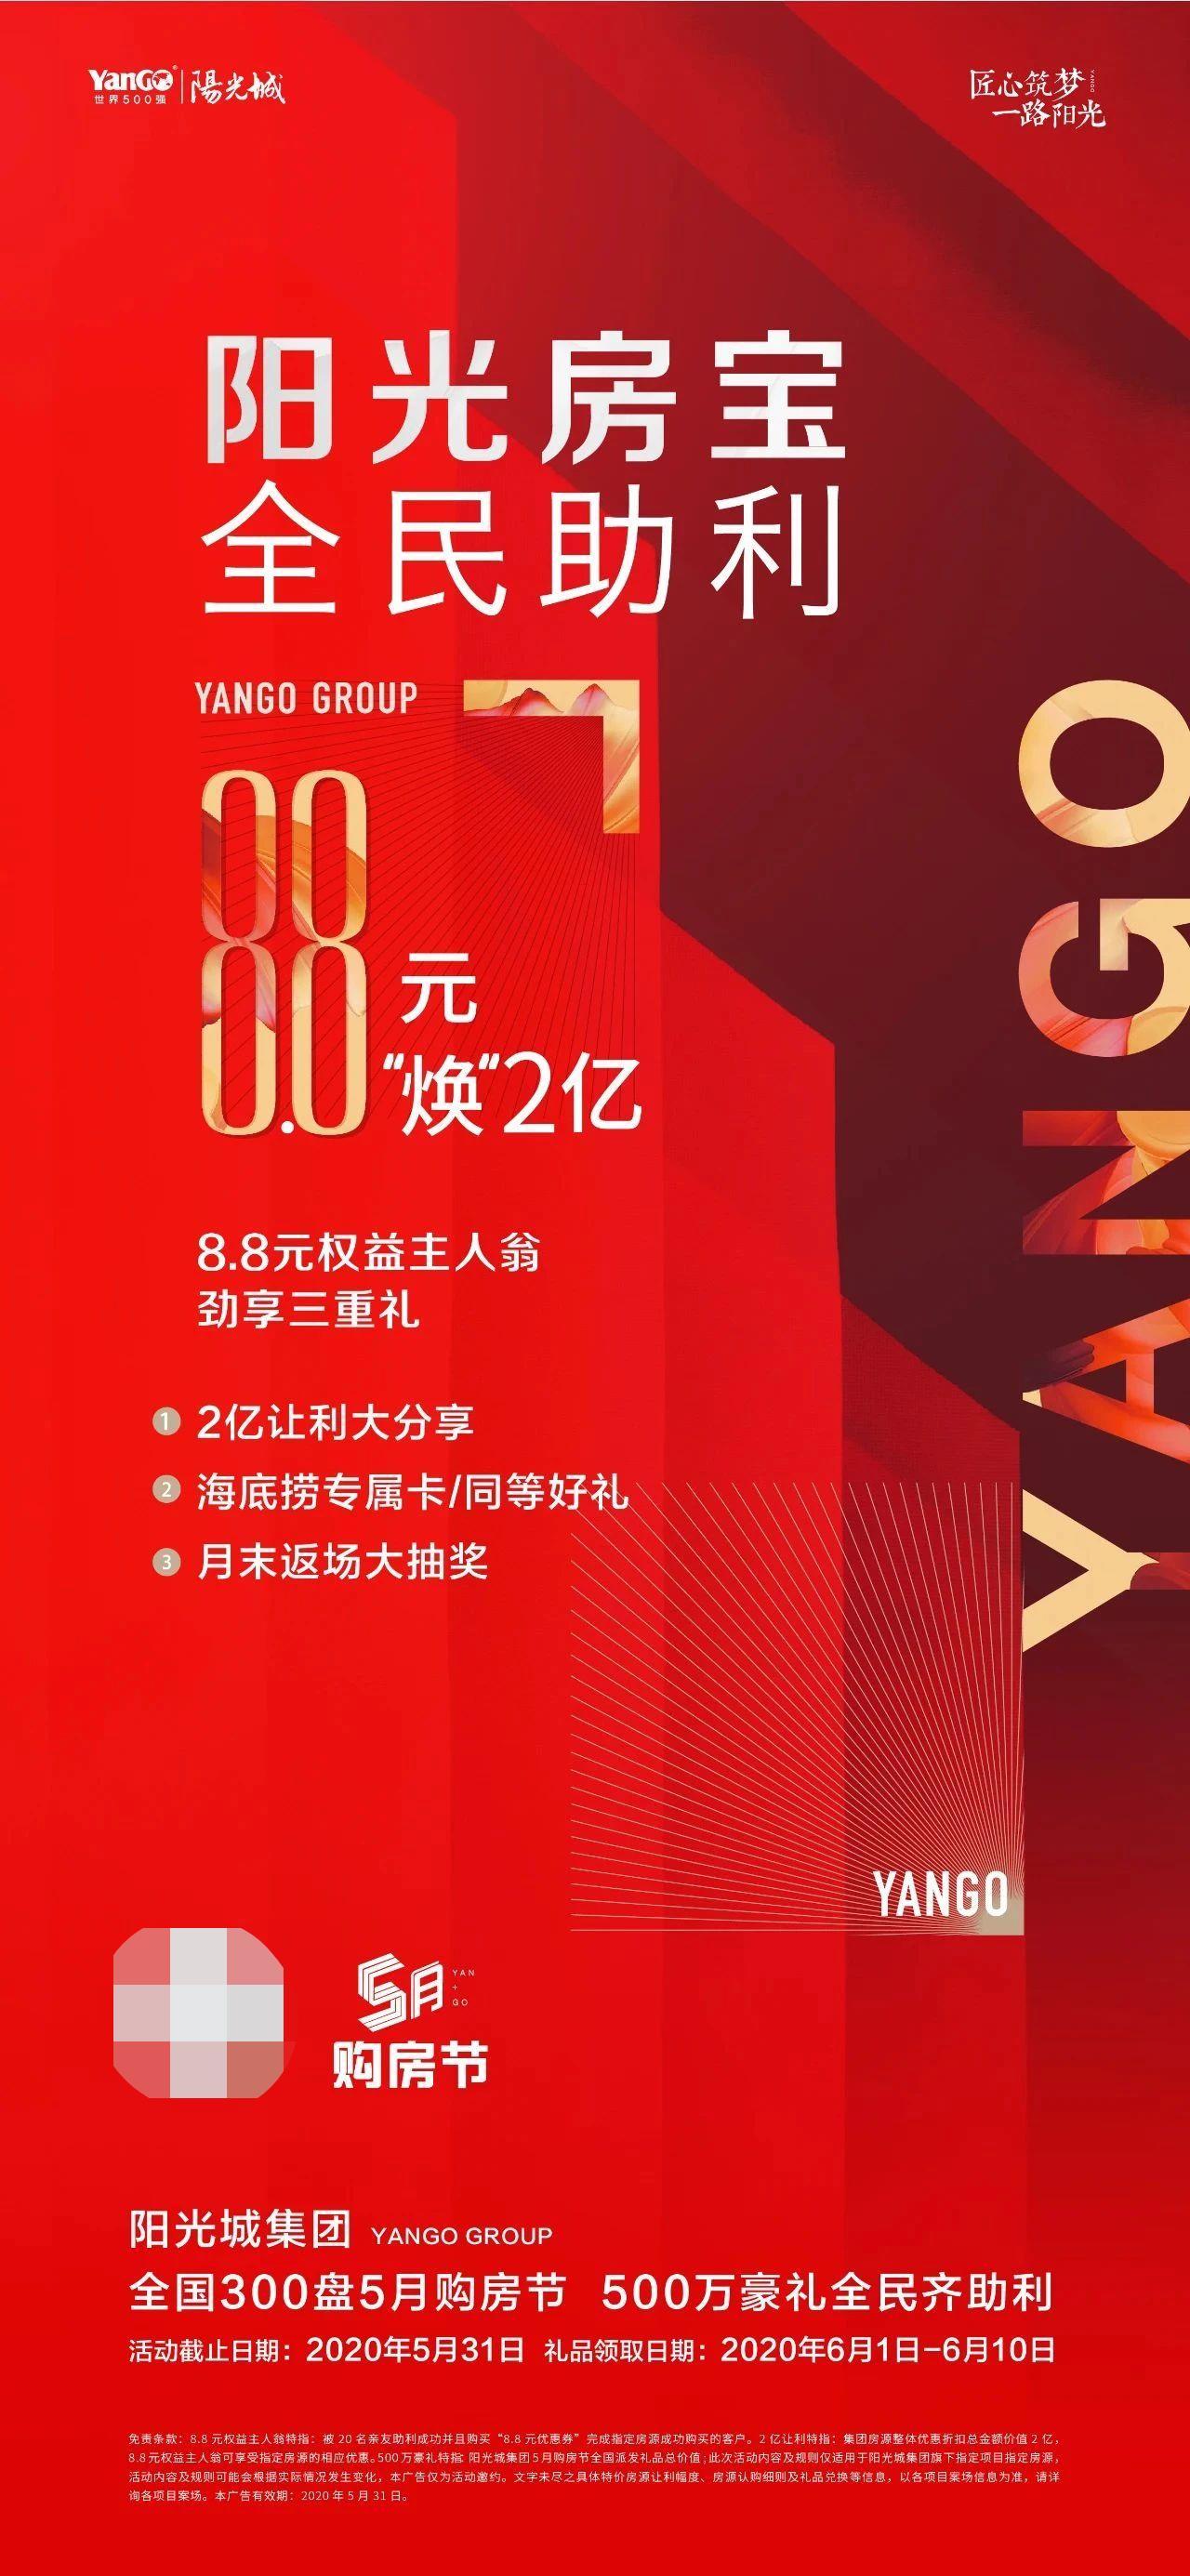 """大助利!阳光城江苏区域5月联动,""""8.8元""""瓜分2亿""""红包""""-中国网地产"""